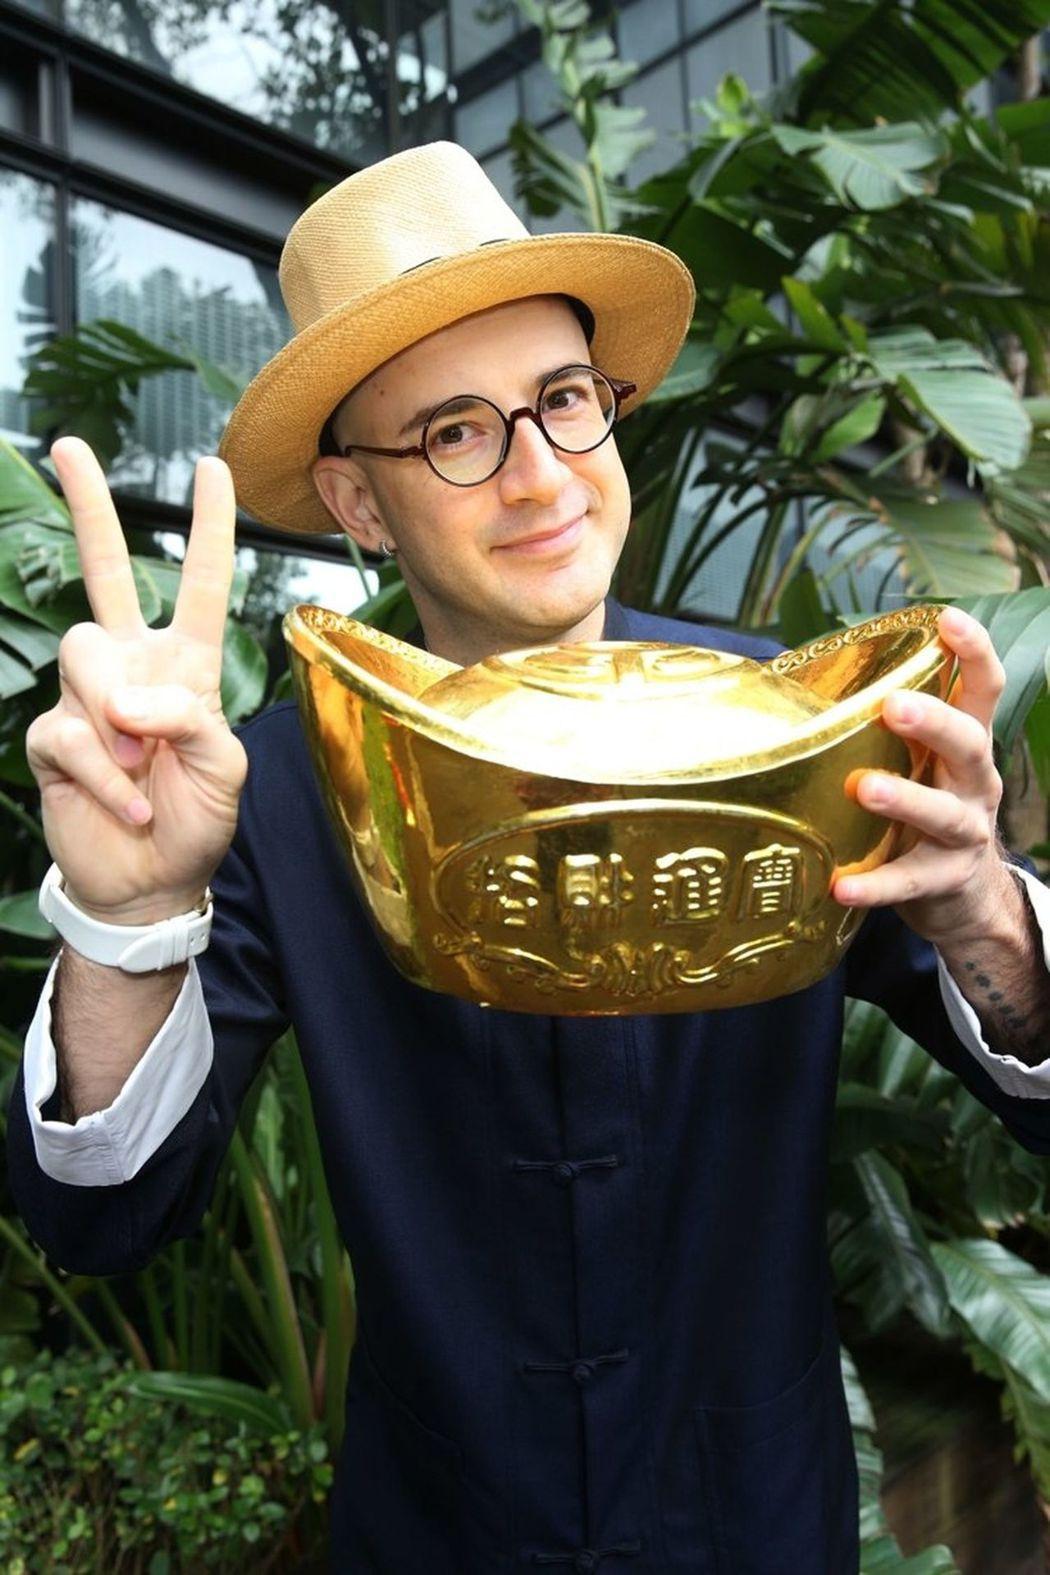 吳鳳回想起首次在台灣過年,直呼「太難過了」。(記者陳瑞源/攝影)